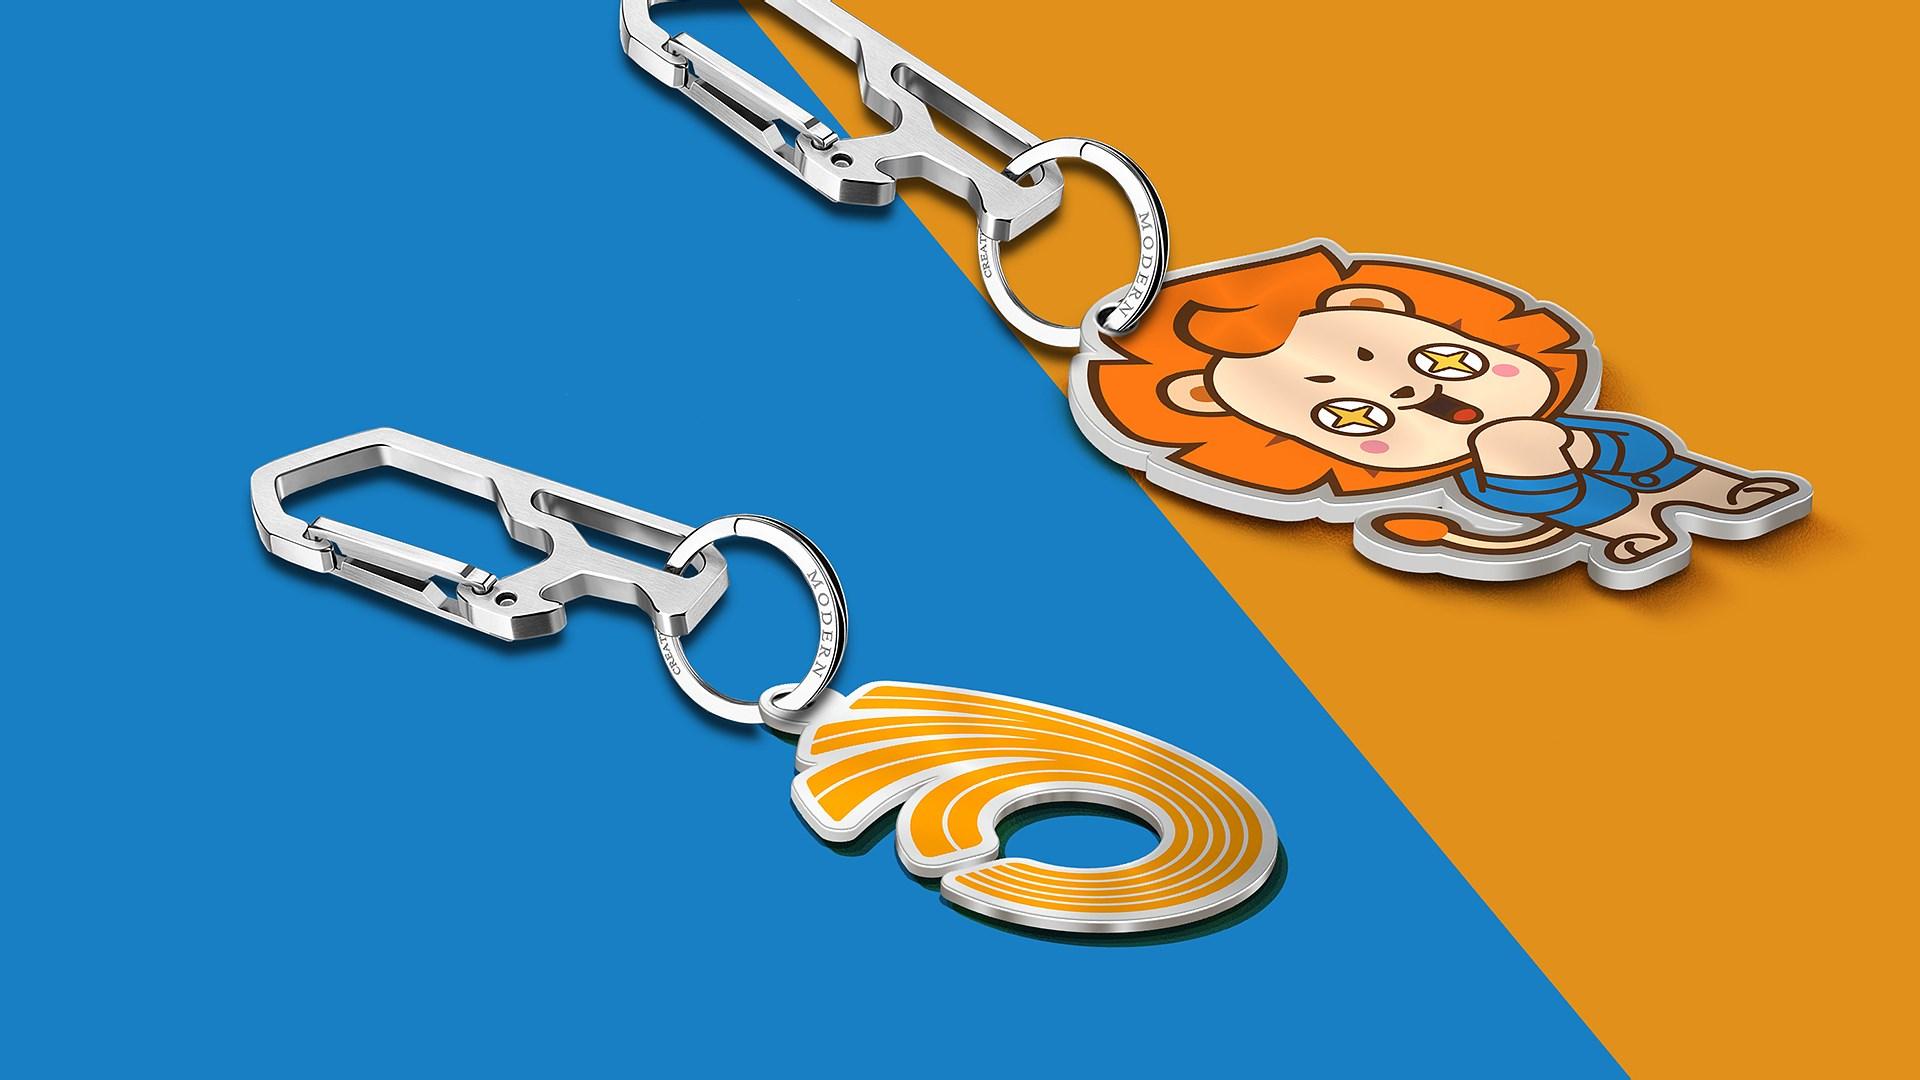 卡通品牌钥匙牌1.jpg